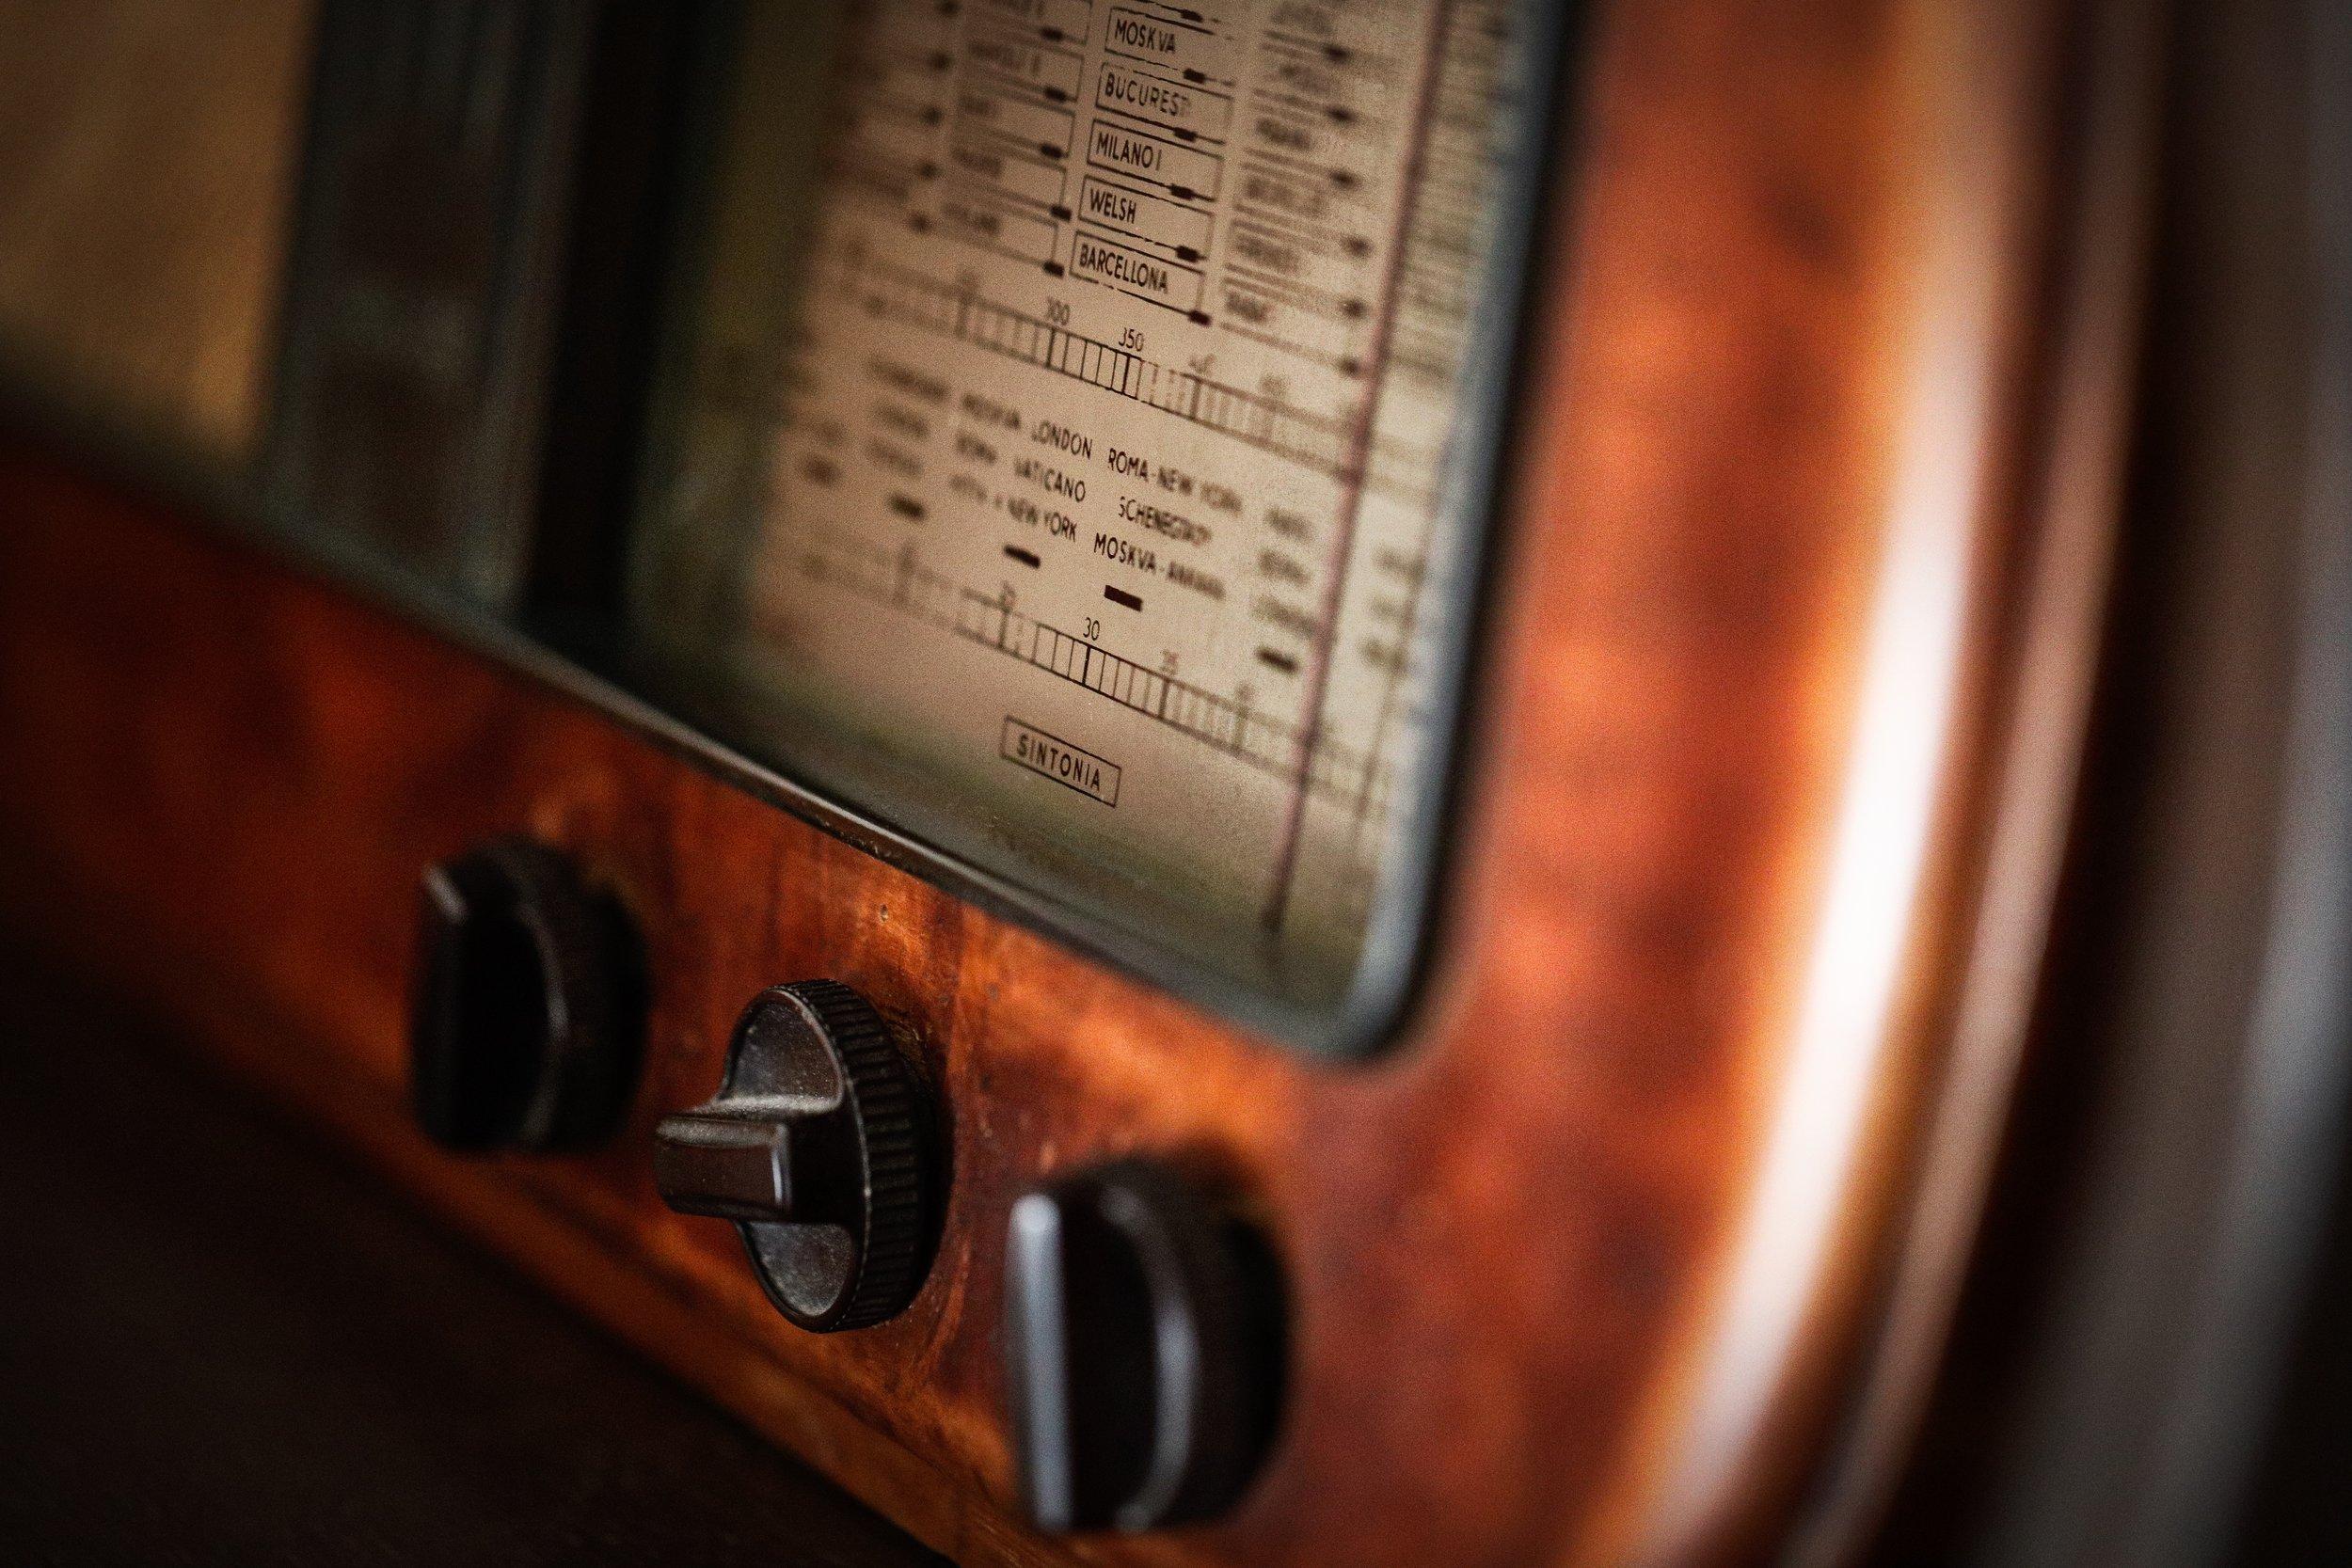 LISTEN TO ELM STREET BAPTIST CHURCH ON THE RADIO - Sundays at 10:45 AMon WXAM 103.9Listen to past sermons HERE.